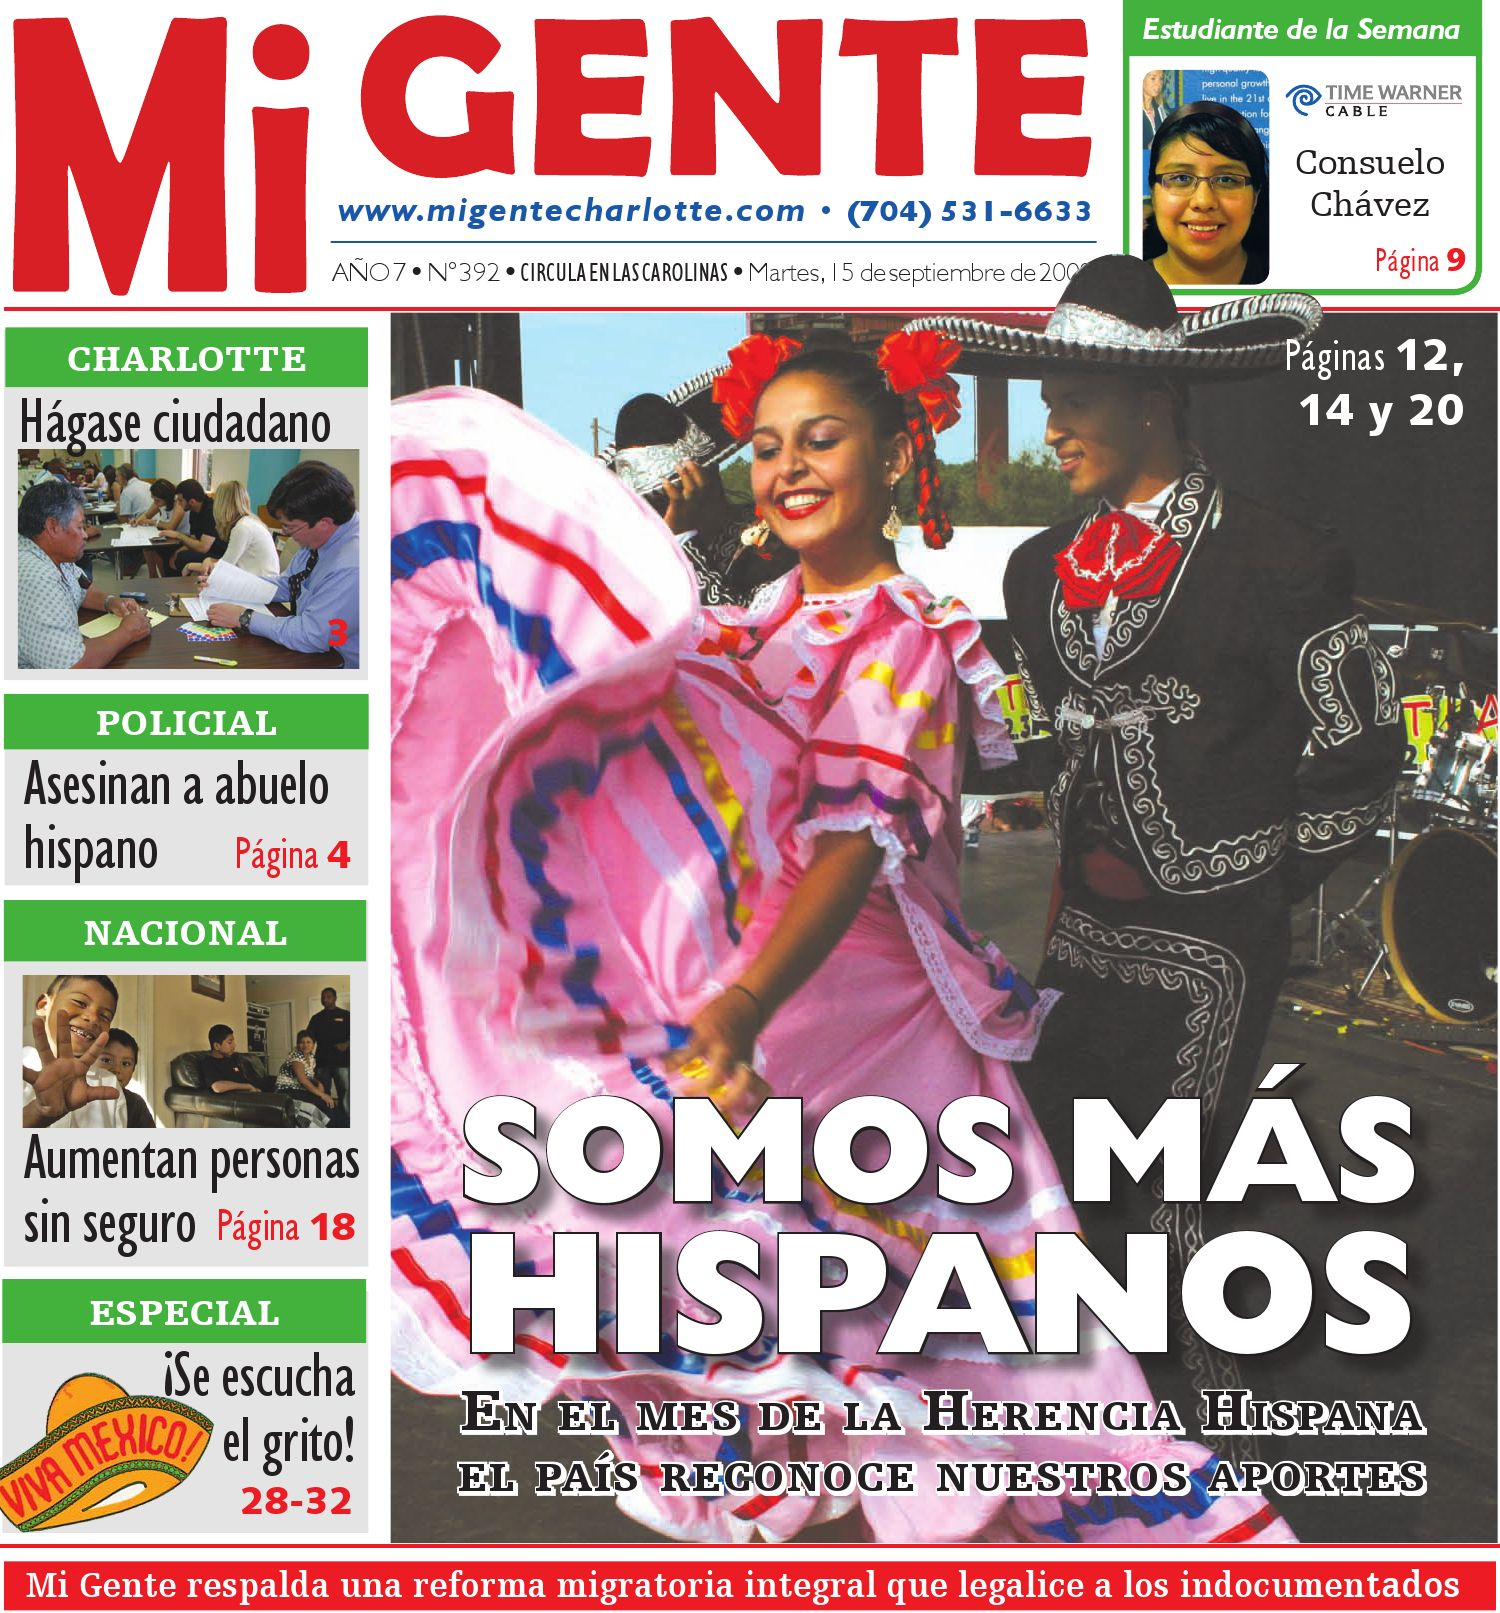 Mi Gente Publishing by DIEGO DUARTE - issuu